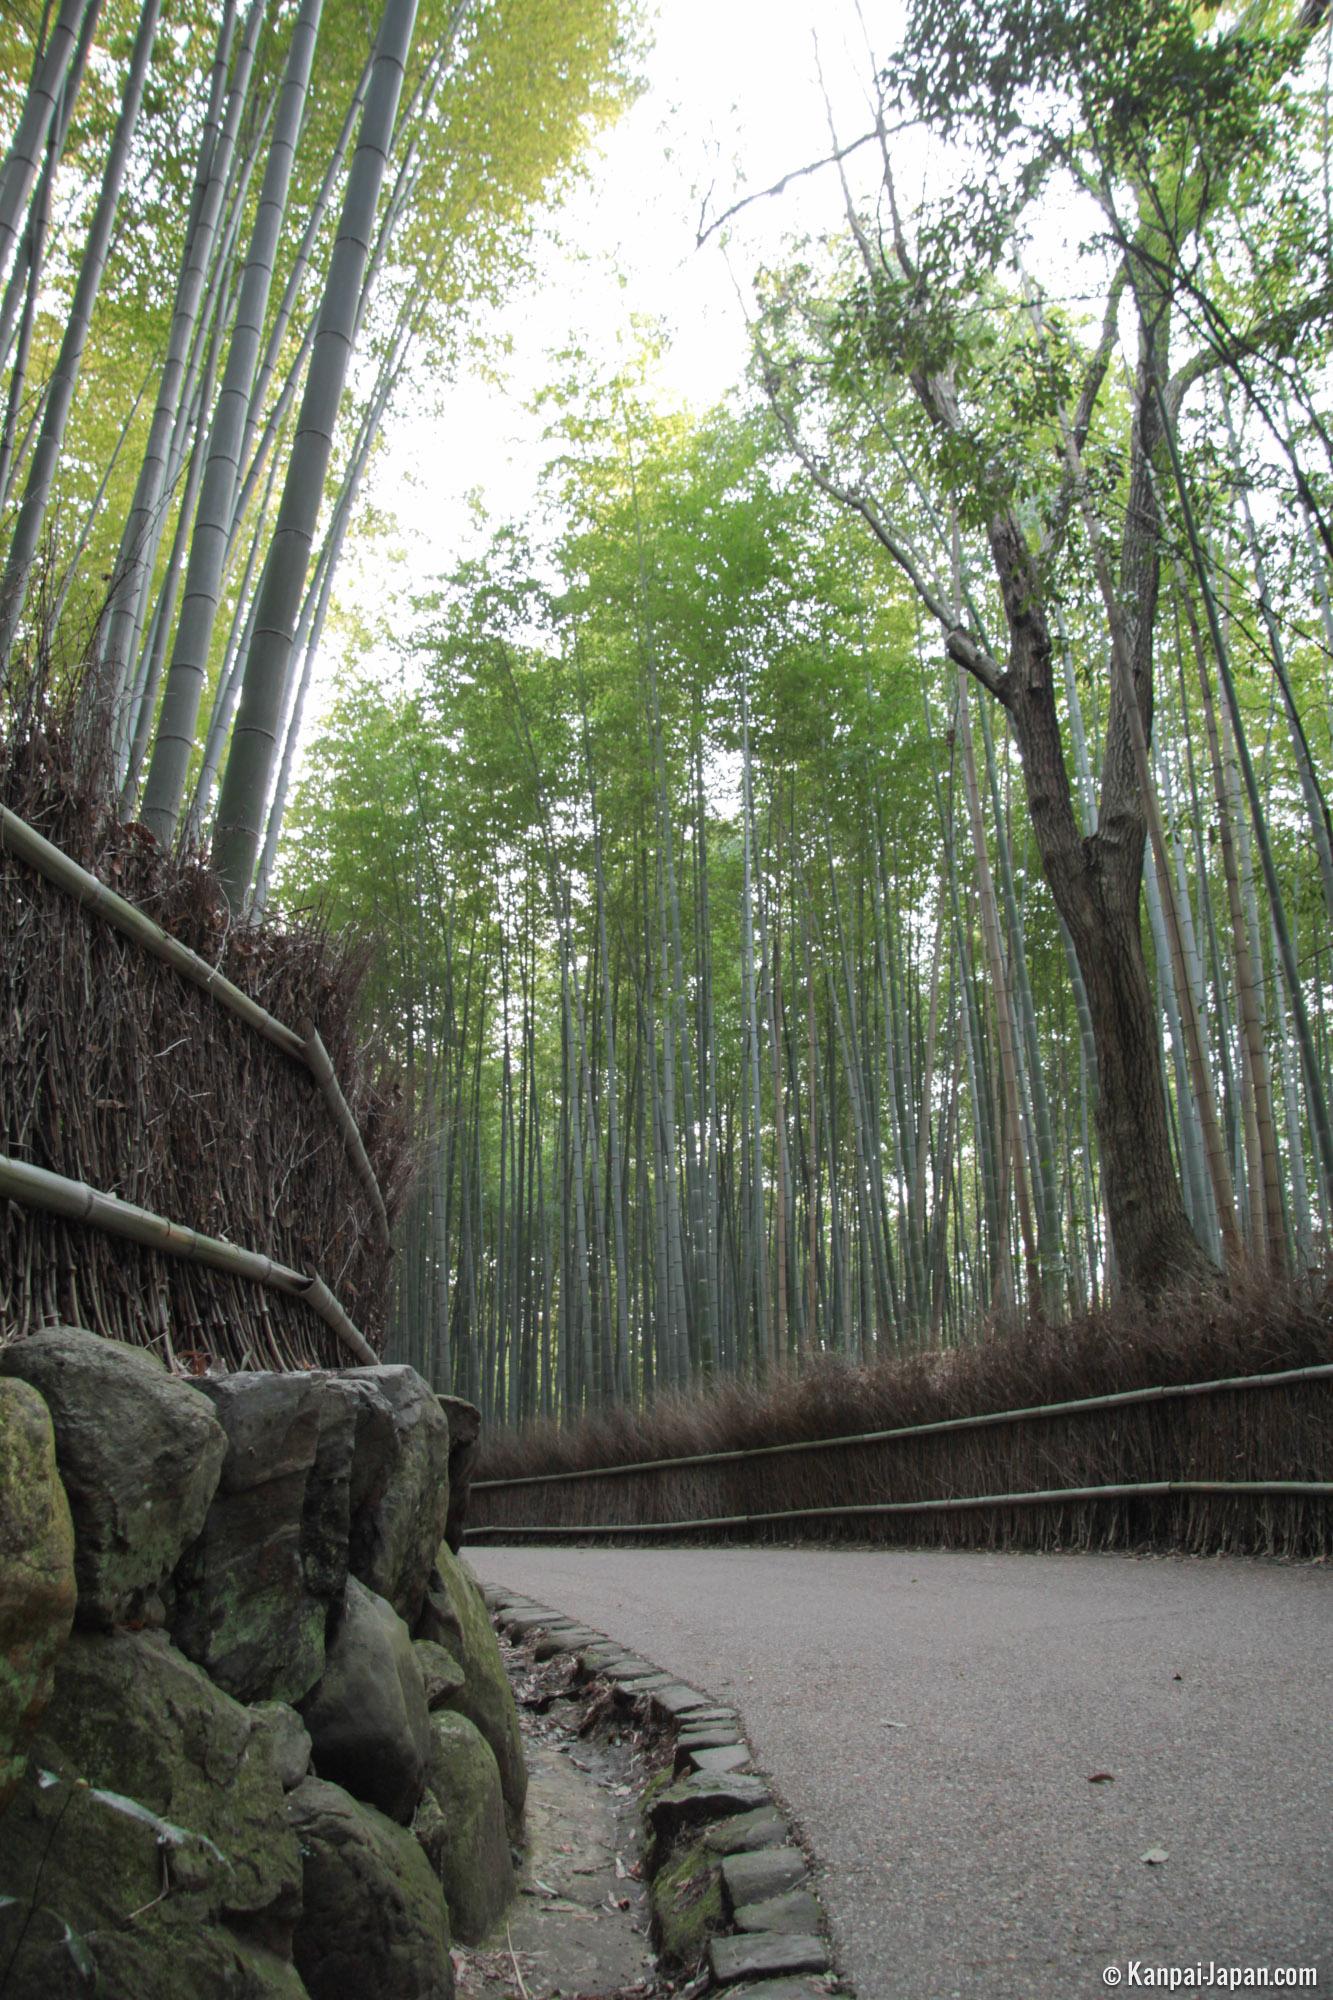 arashiyama bamboo grove the sagano bamboo forest in kyoto